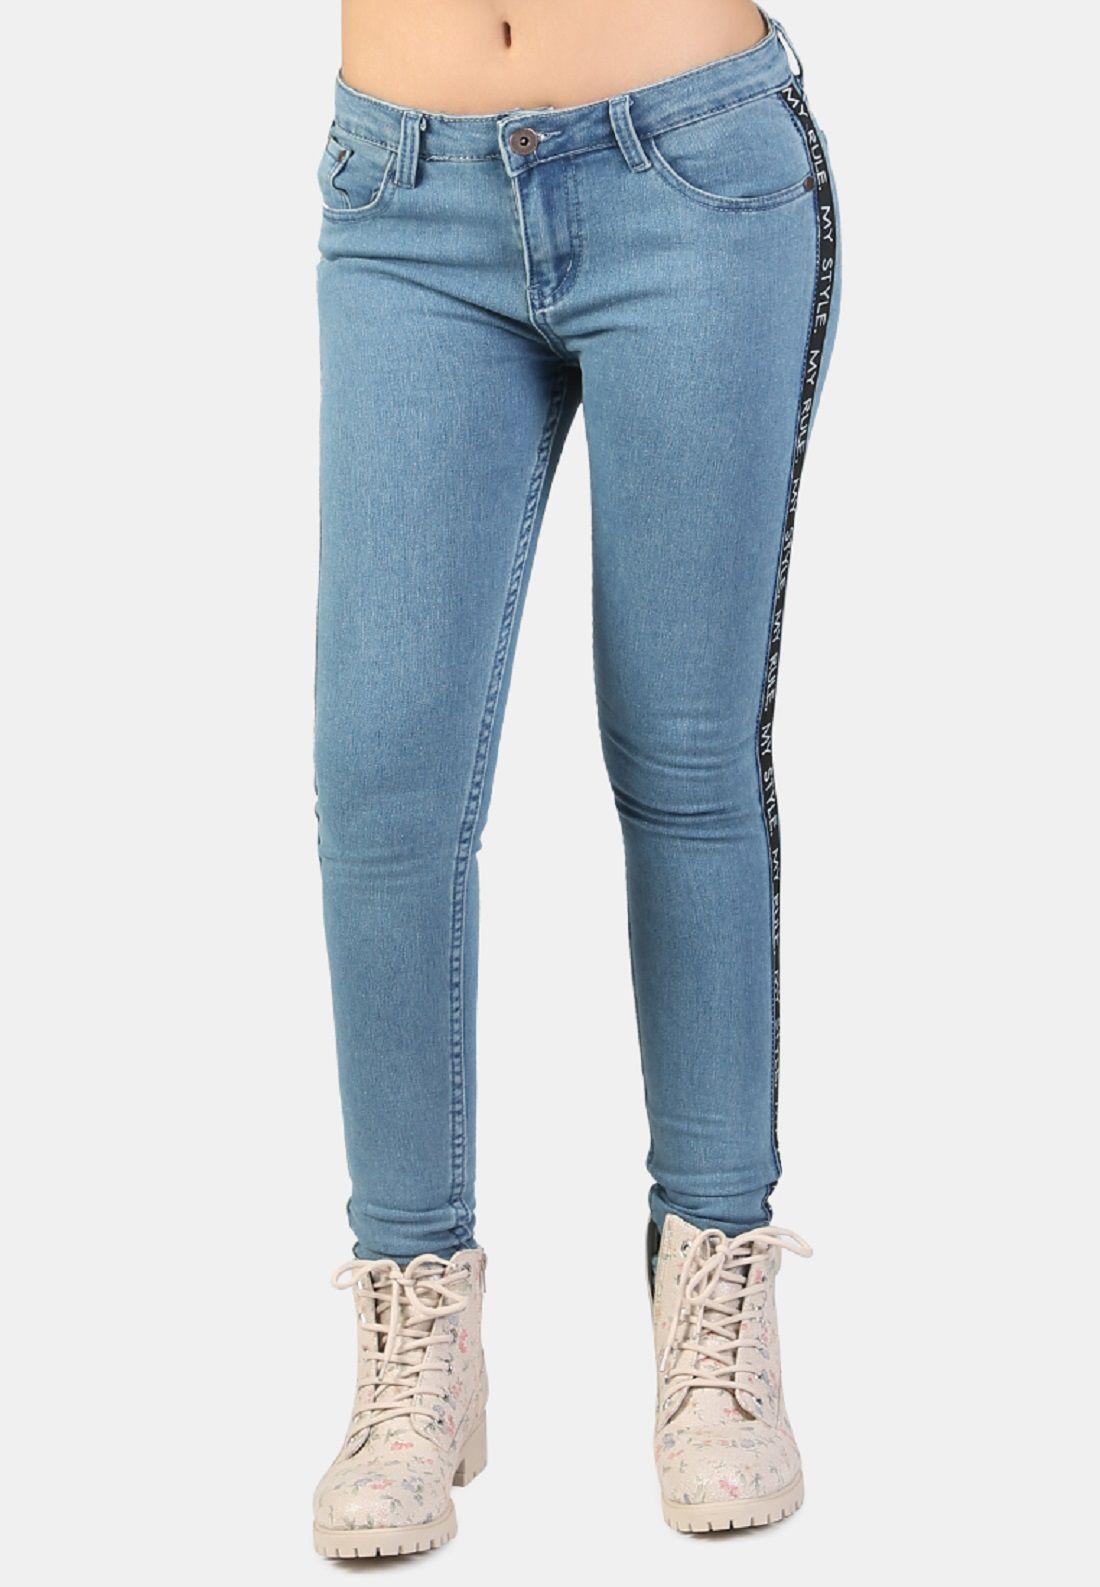 London Rag Cotton Jeans - Blue